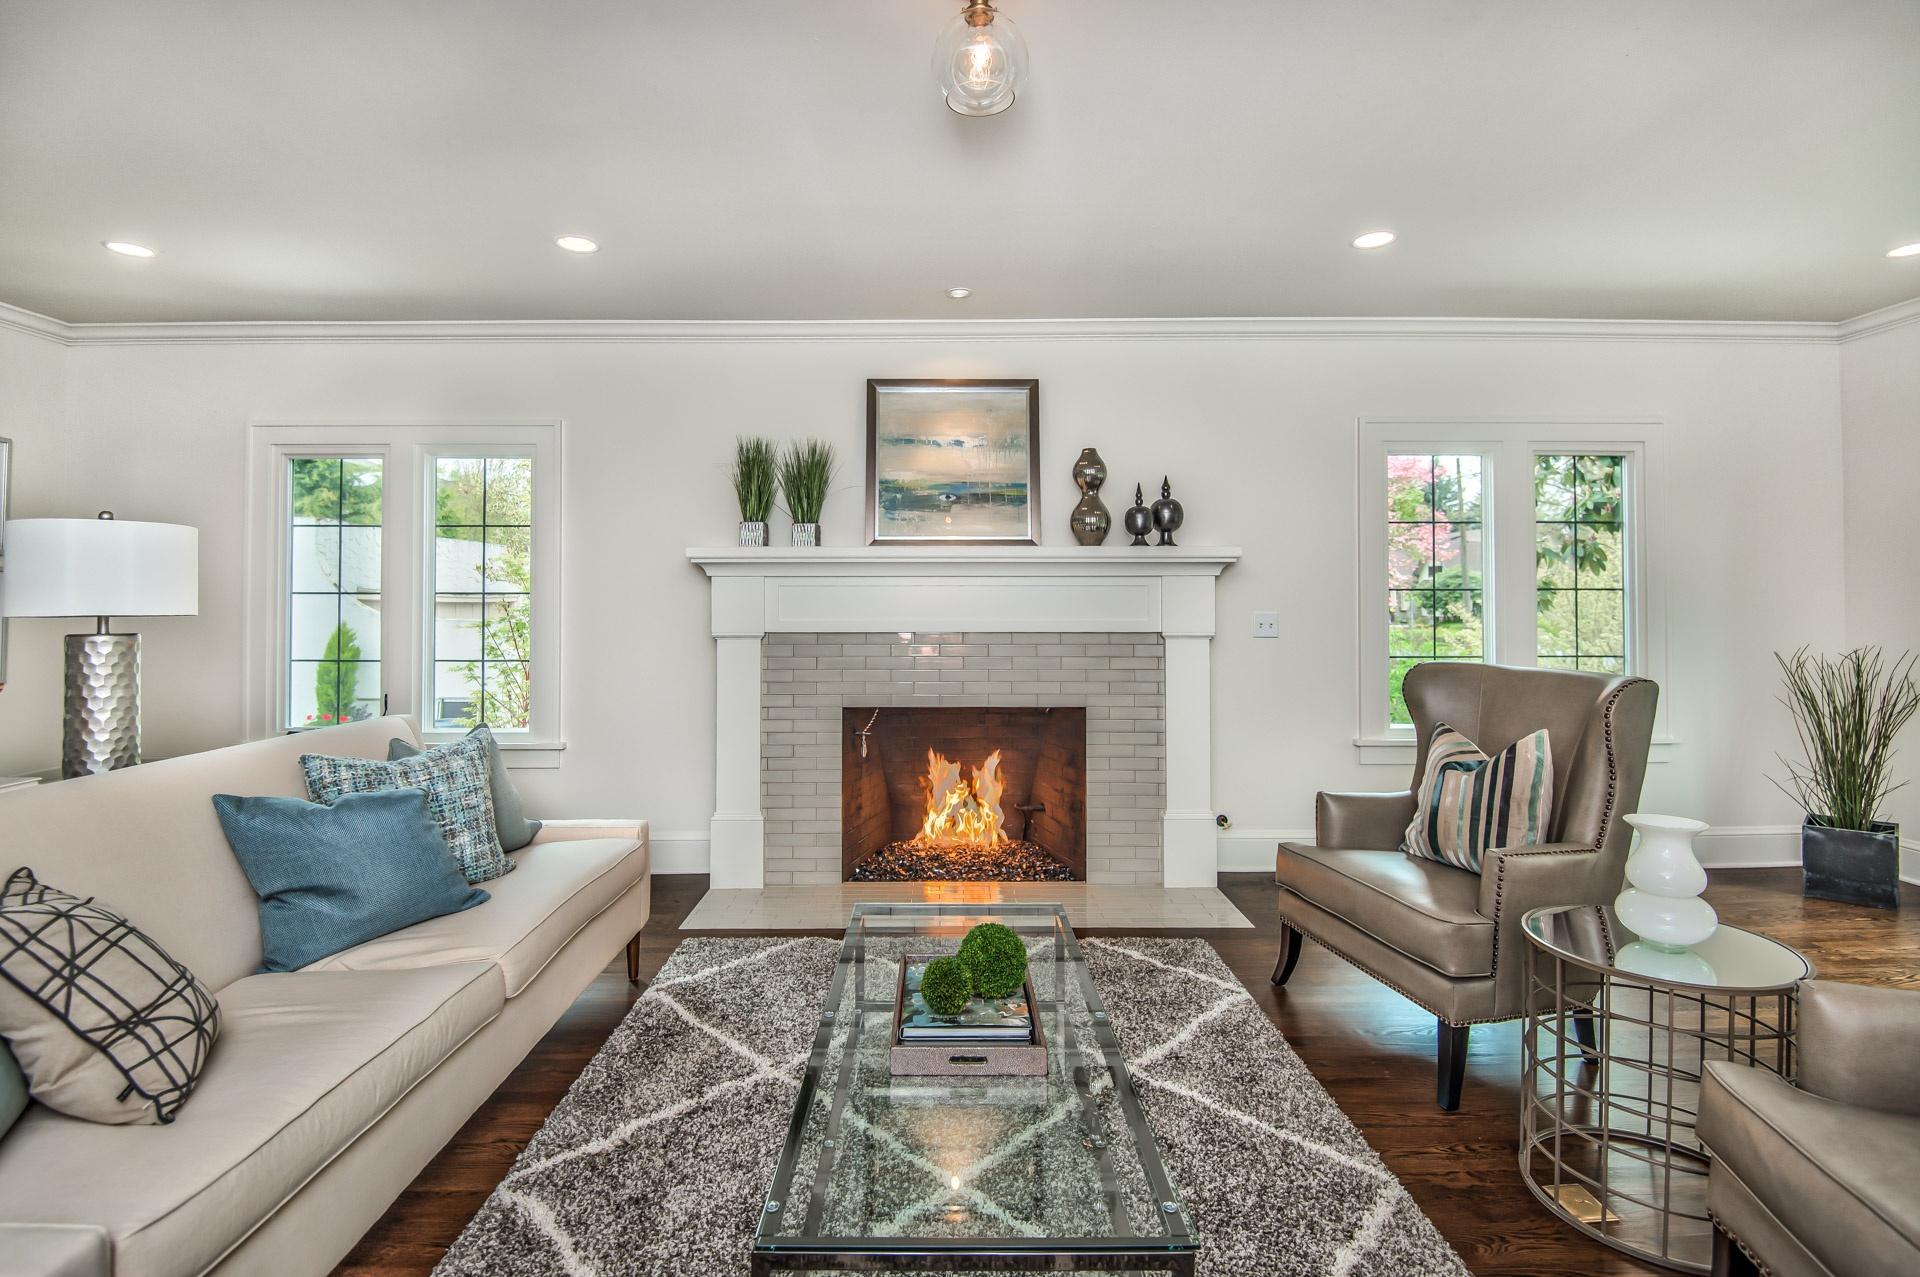 Cozy Fireplaces - Portland Home Design Trends.jpg